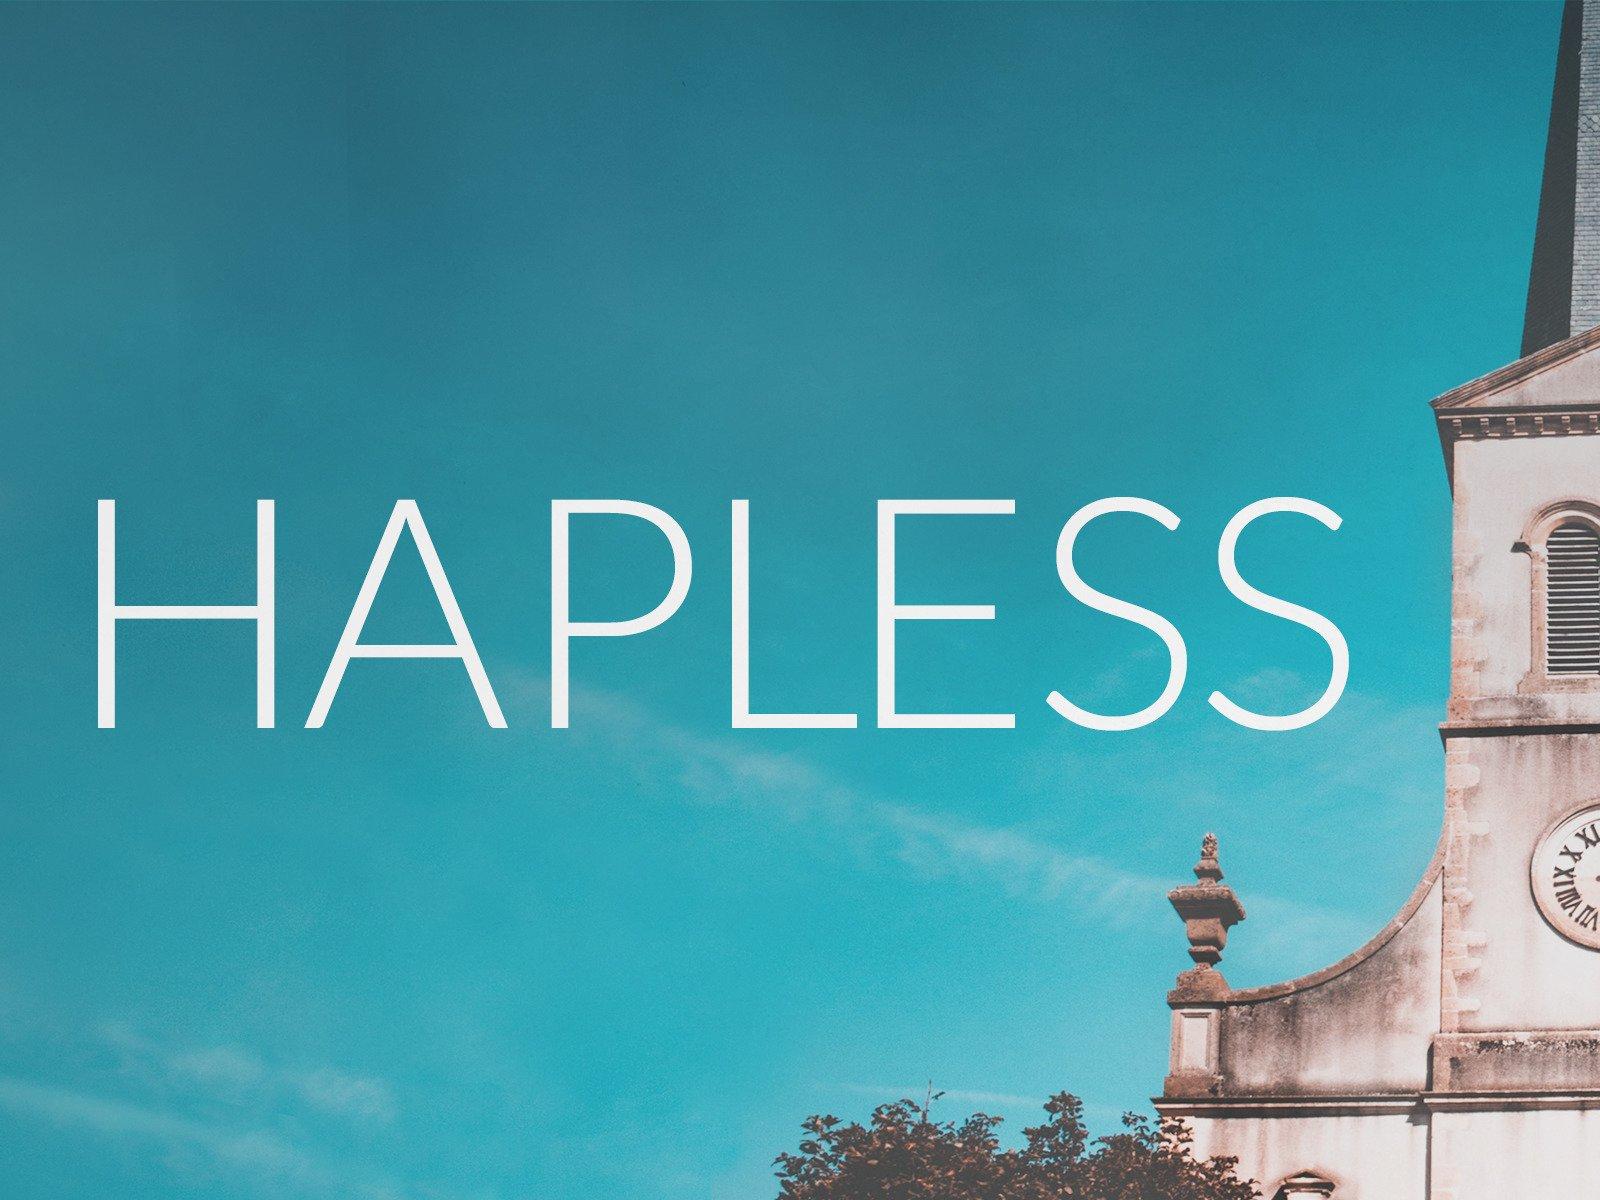 Hapless